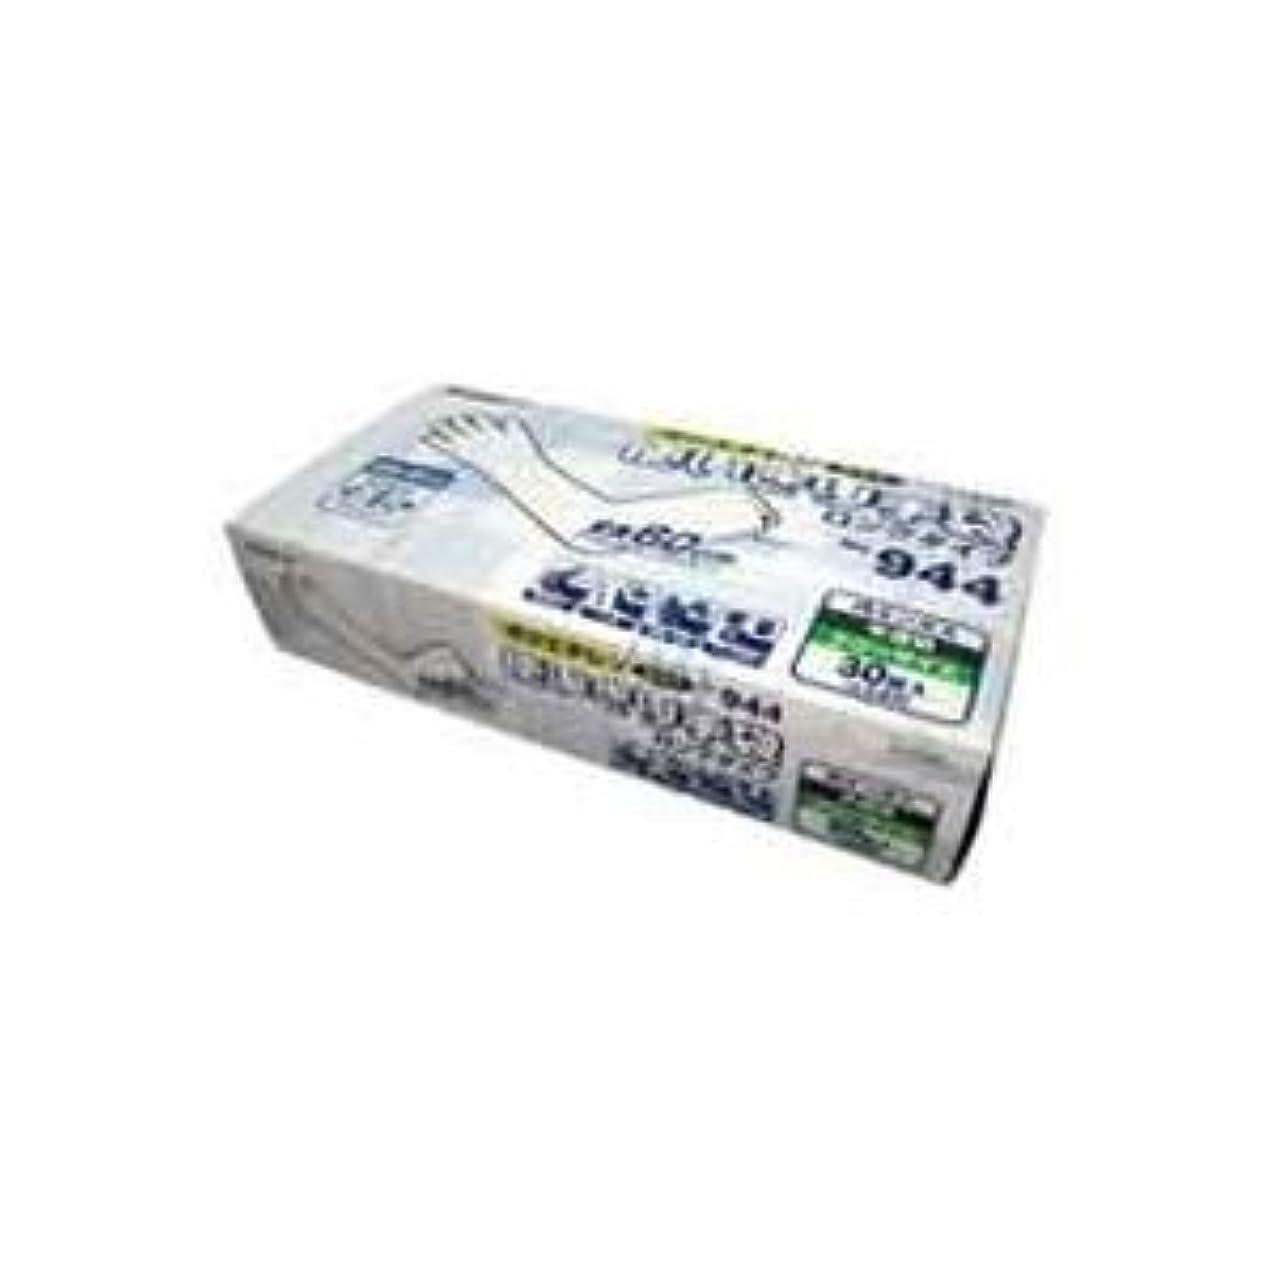 アラバマ送料服を片付けるインテリア 日用雑貨 掃除用品 (業務用3セット)モデルローブNo.944 ポリエチレン 半透明 30枚